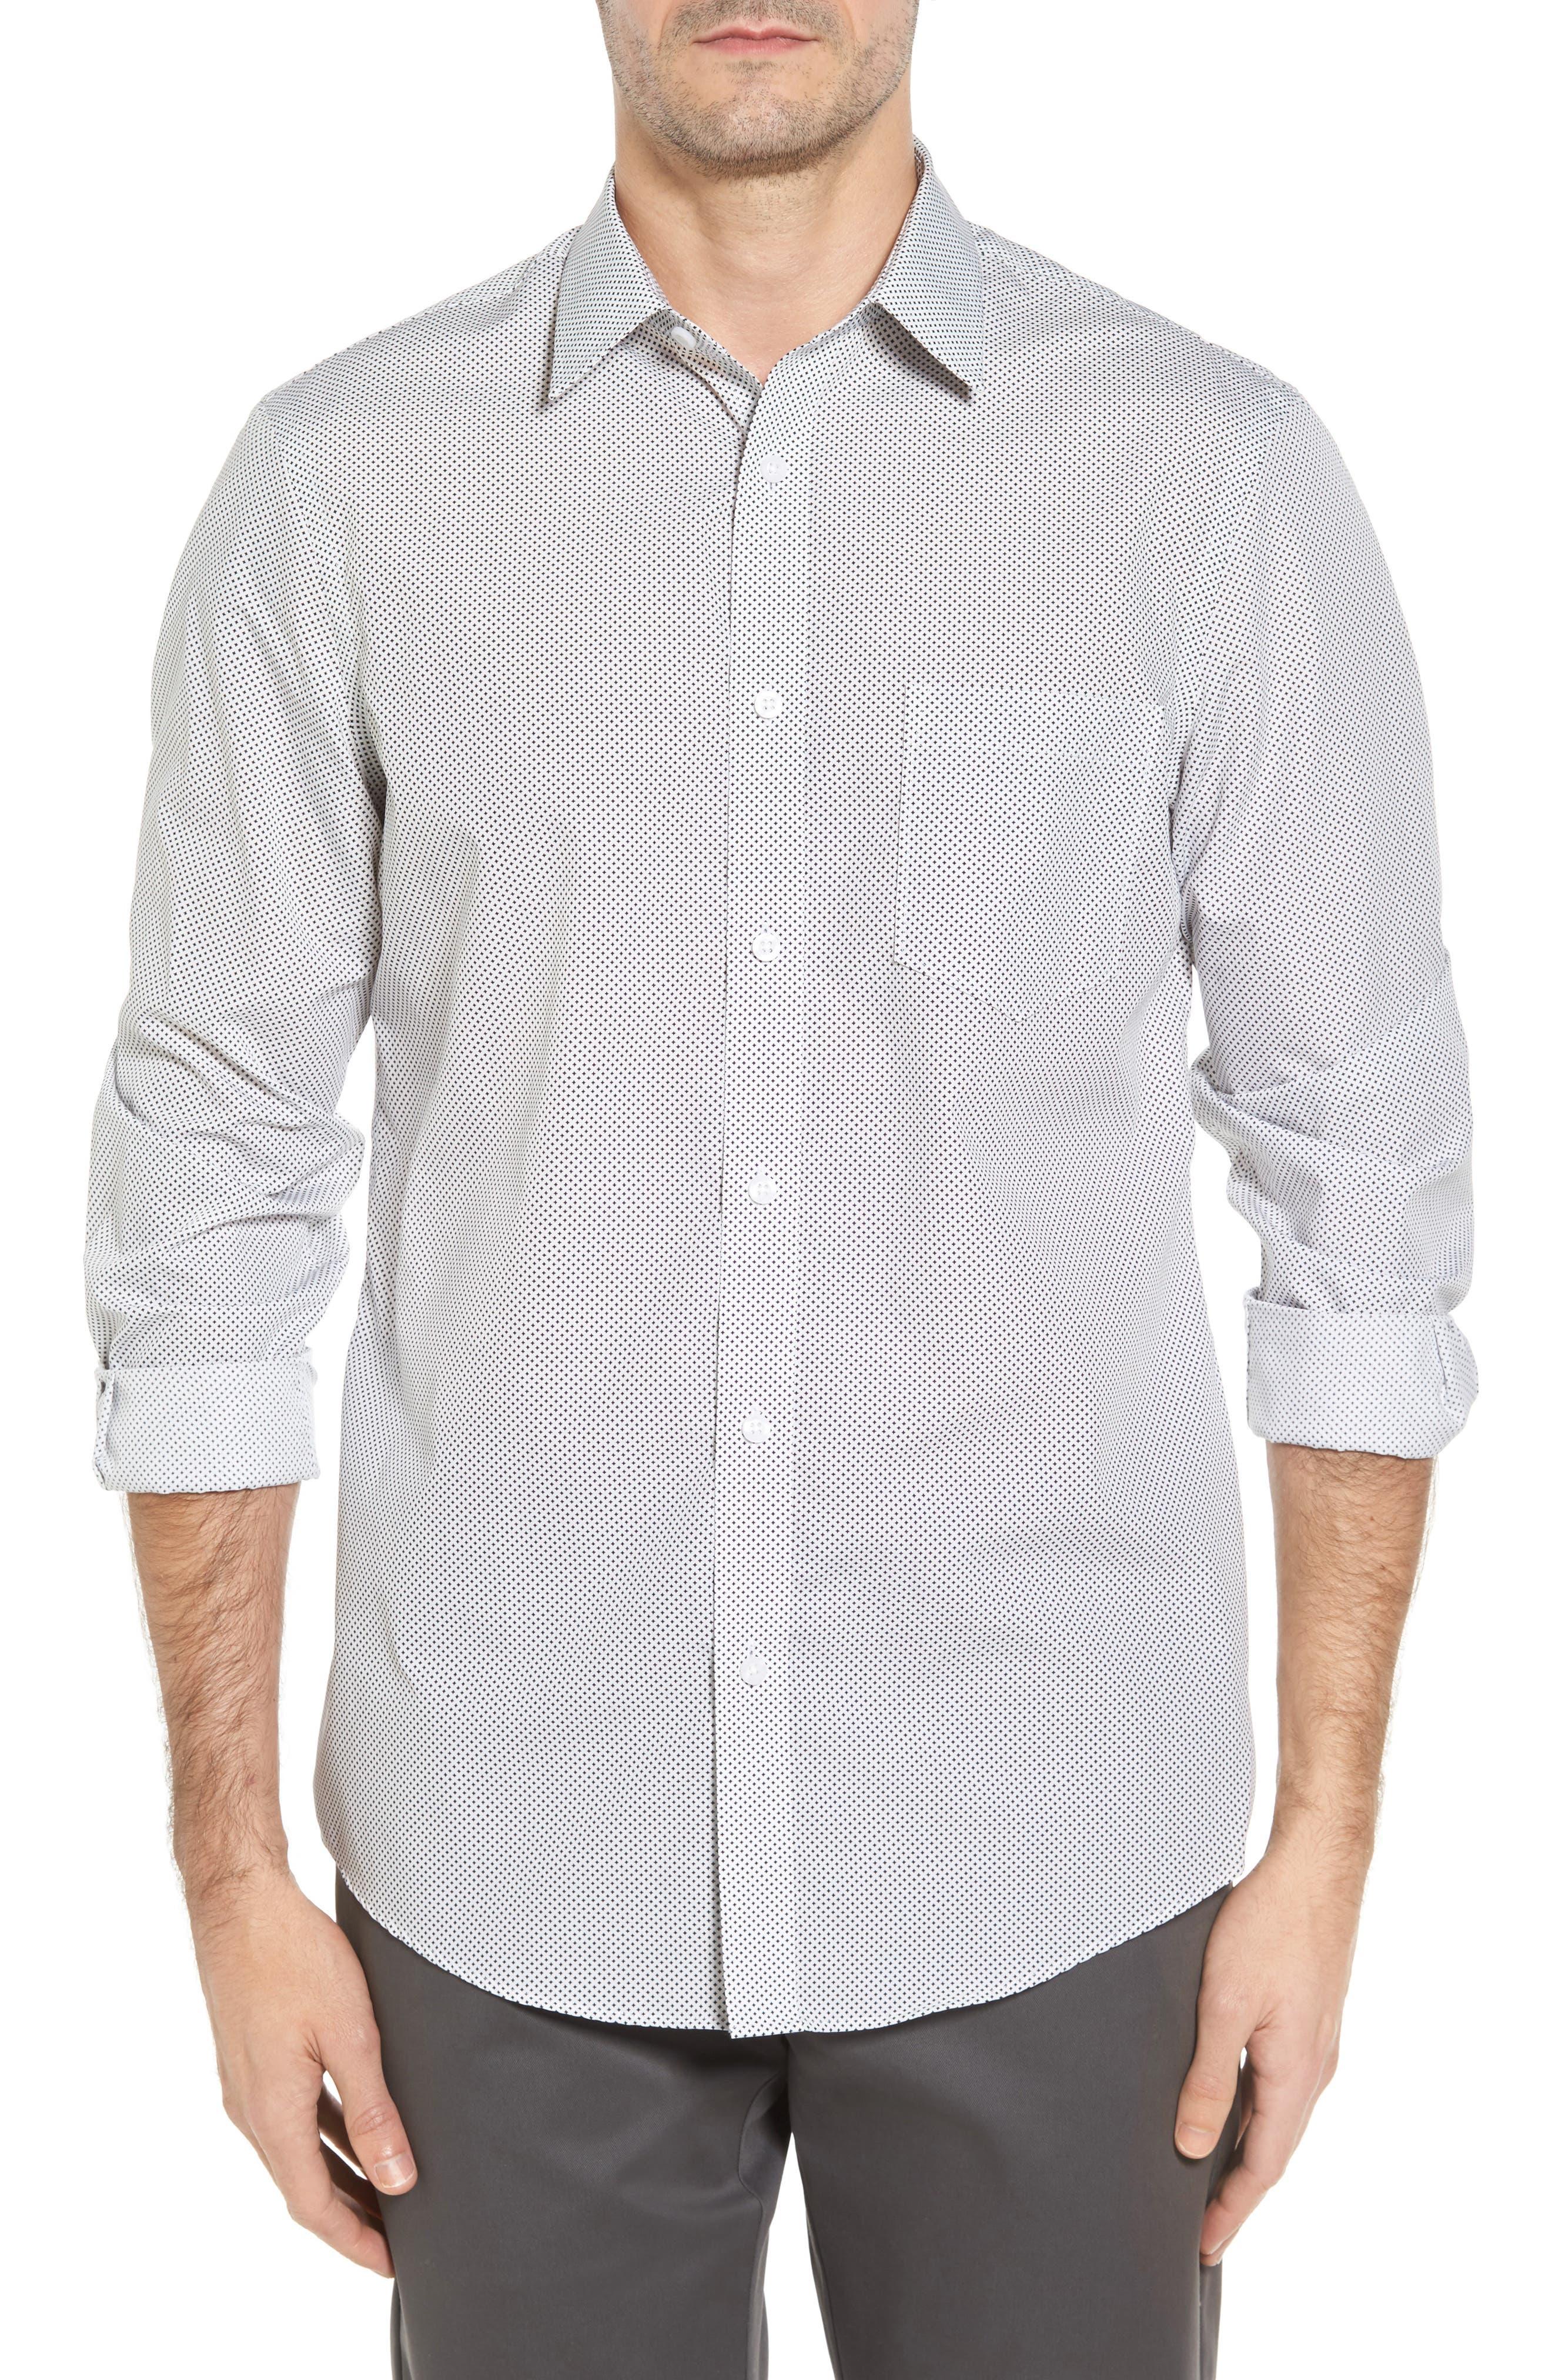 Regular Fit Non-Iron Print Sport Shirt,                             Main thumbnail 1, color,                             Black White Mini Cross